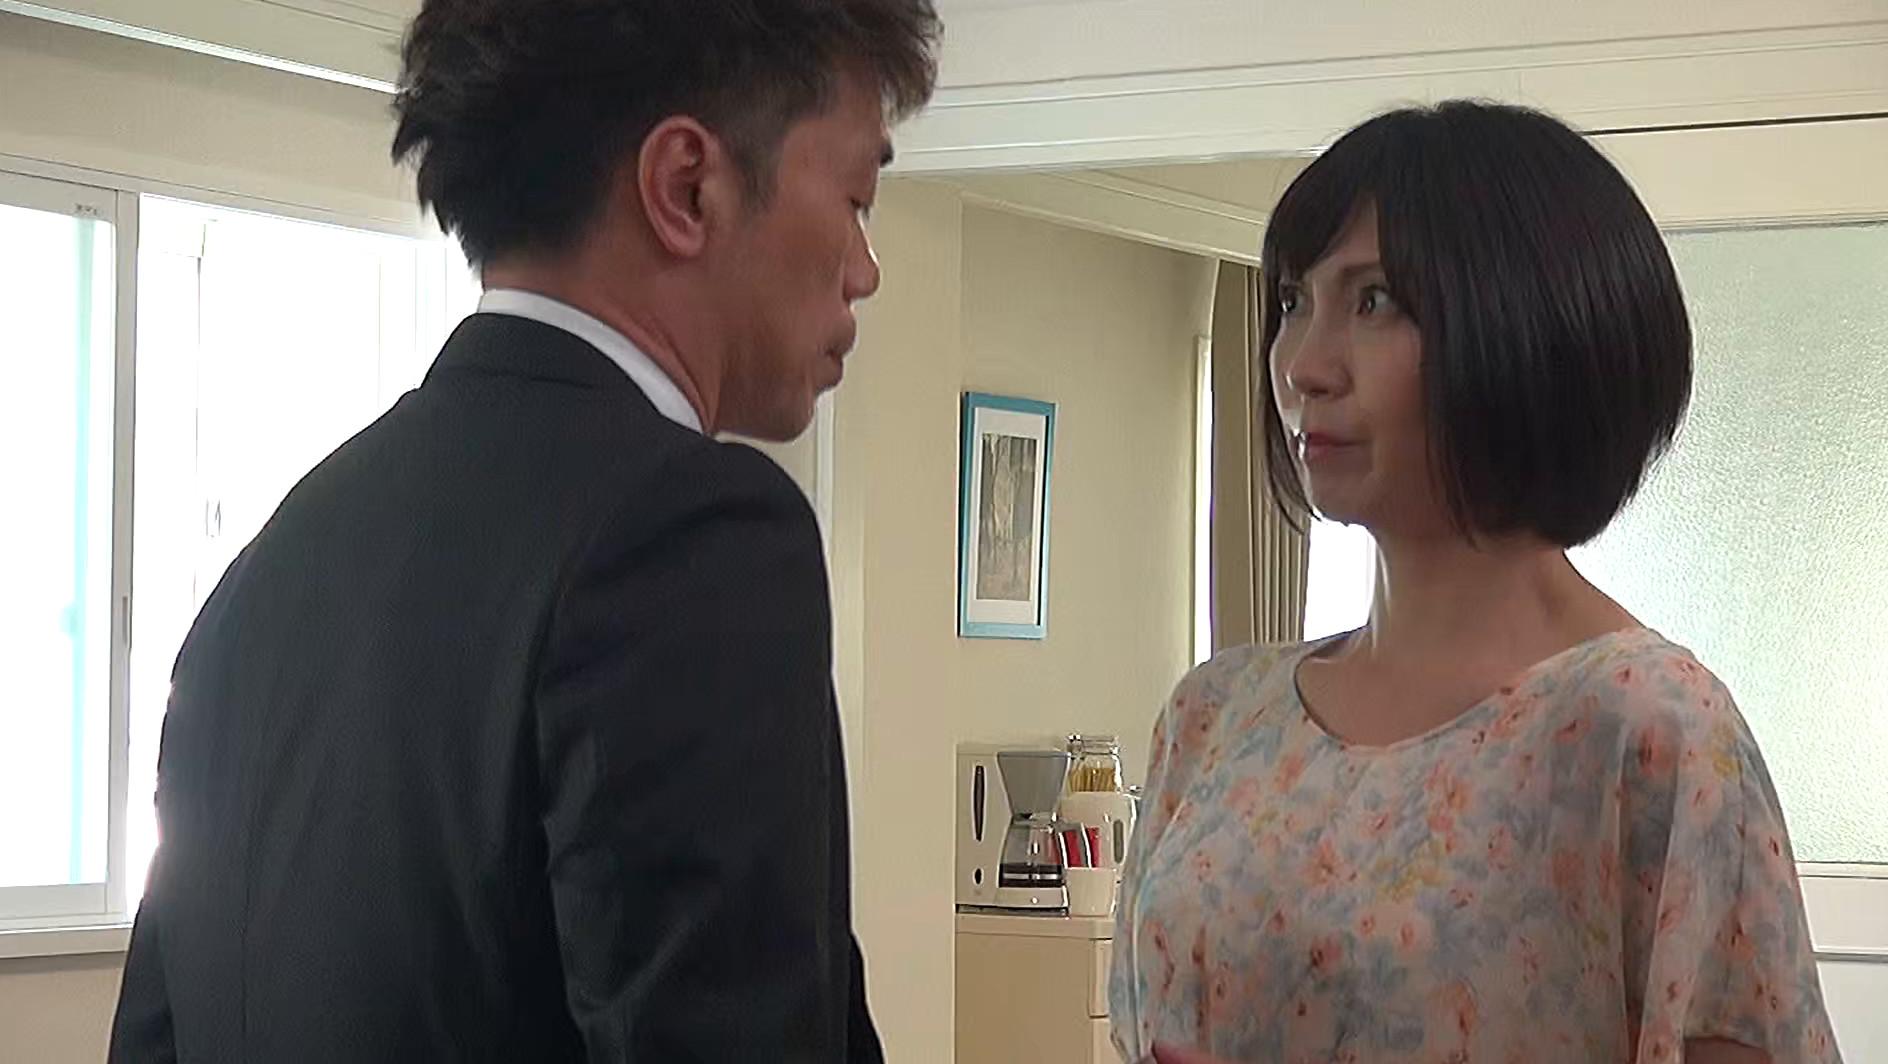 熟女 交尾ドラマ全集 アテナ秘宝館 10人4時間 画像18